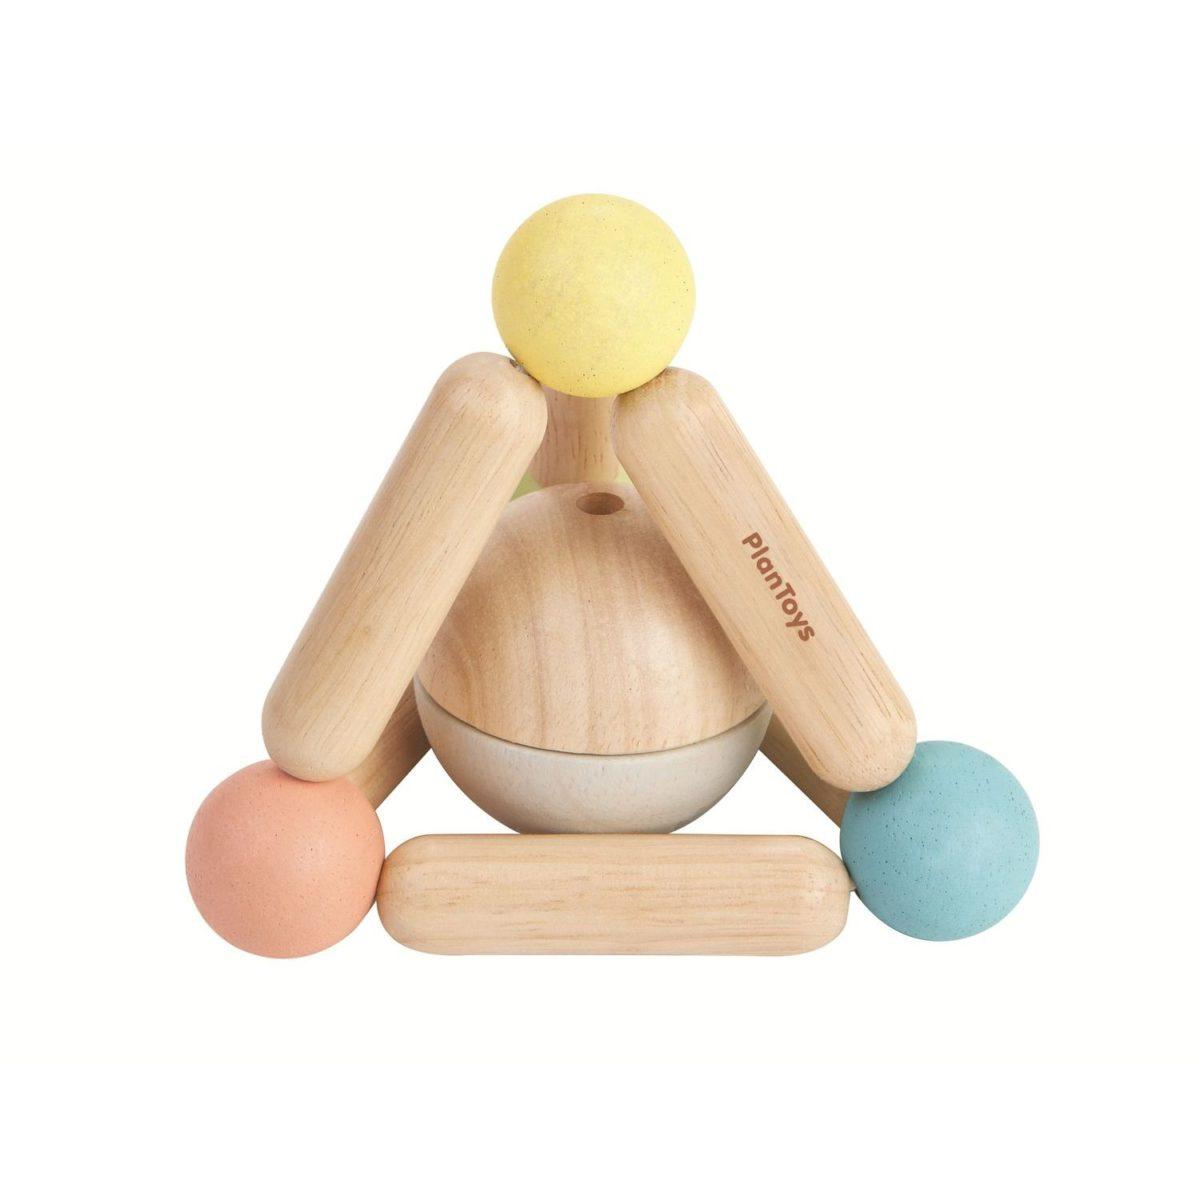 Babyspielzeug Pyramide